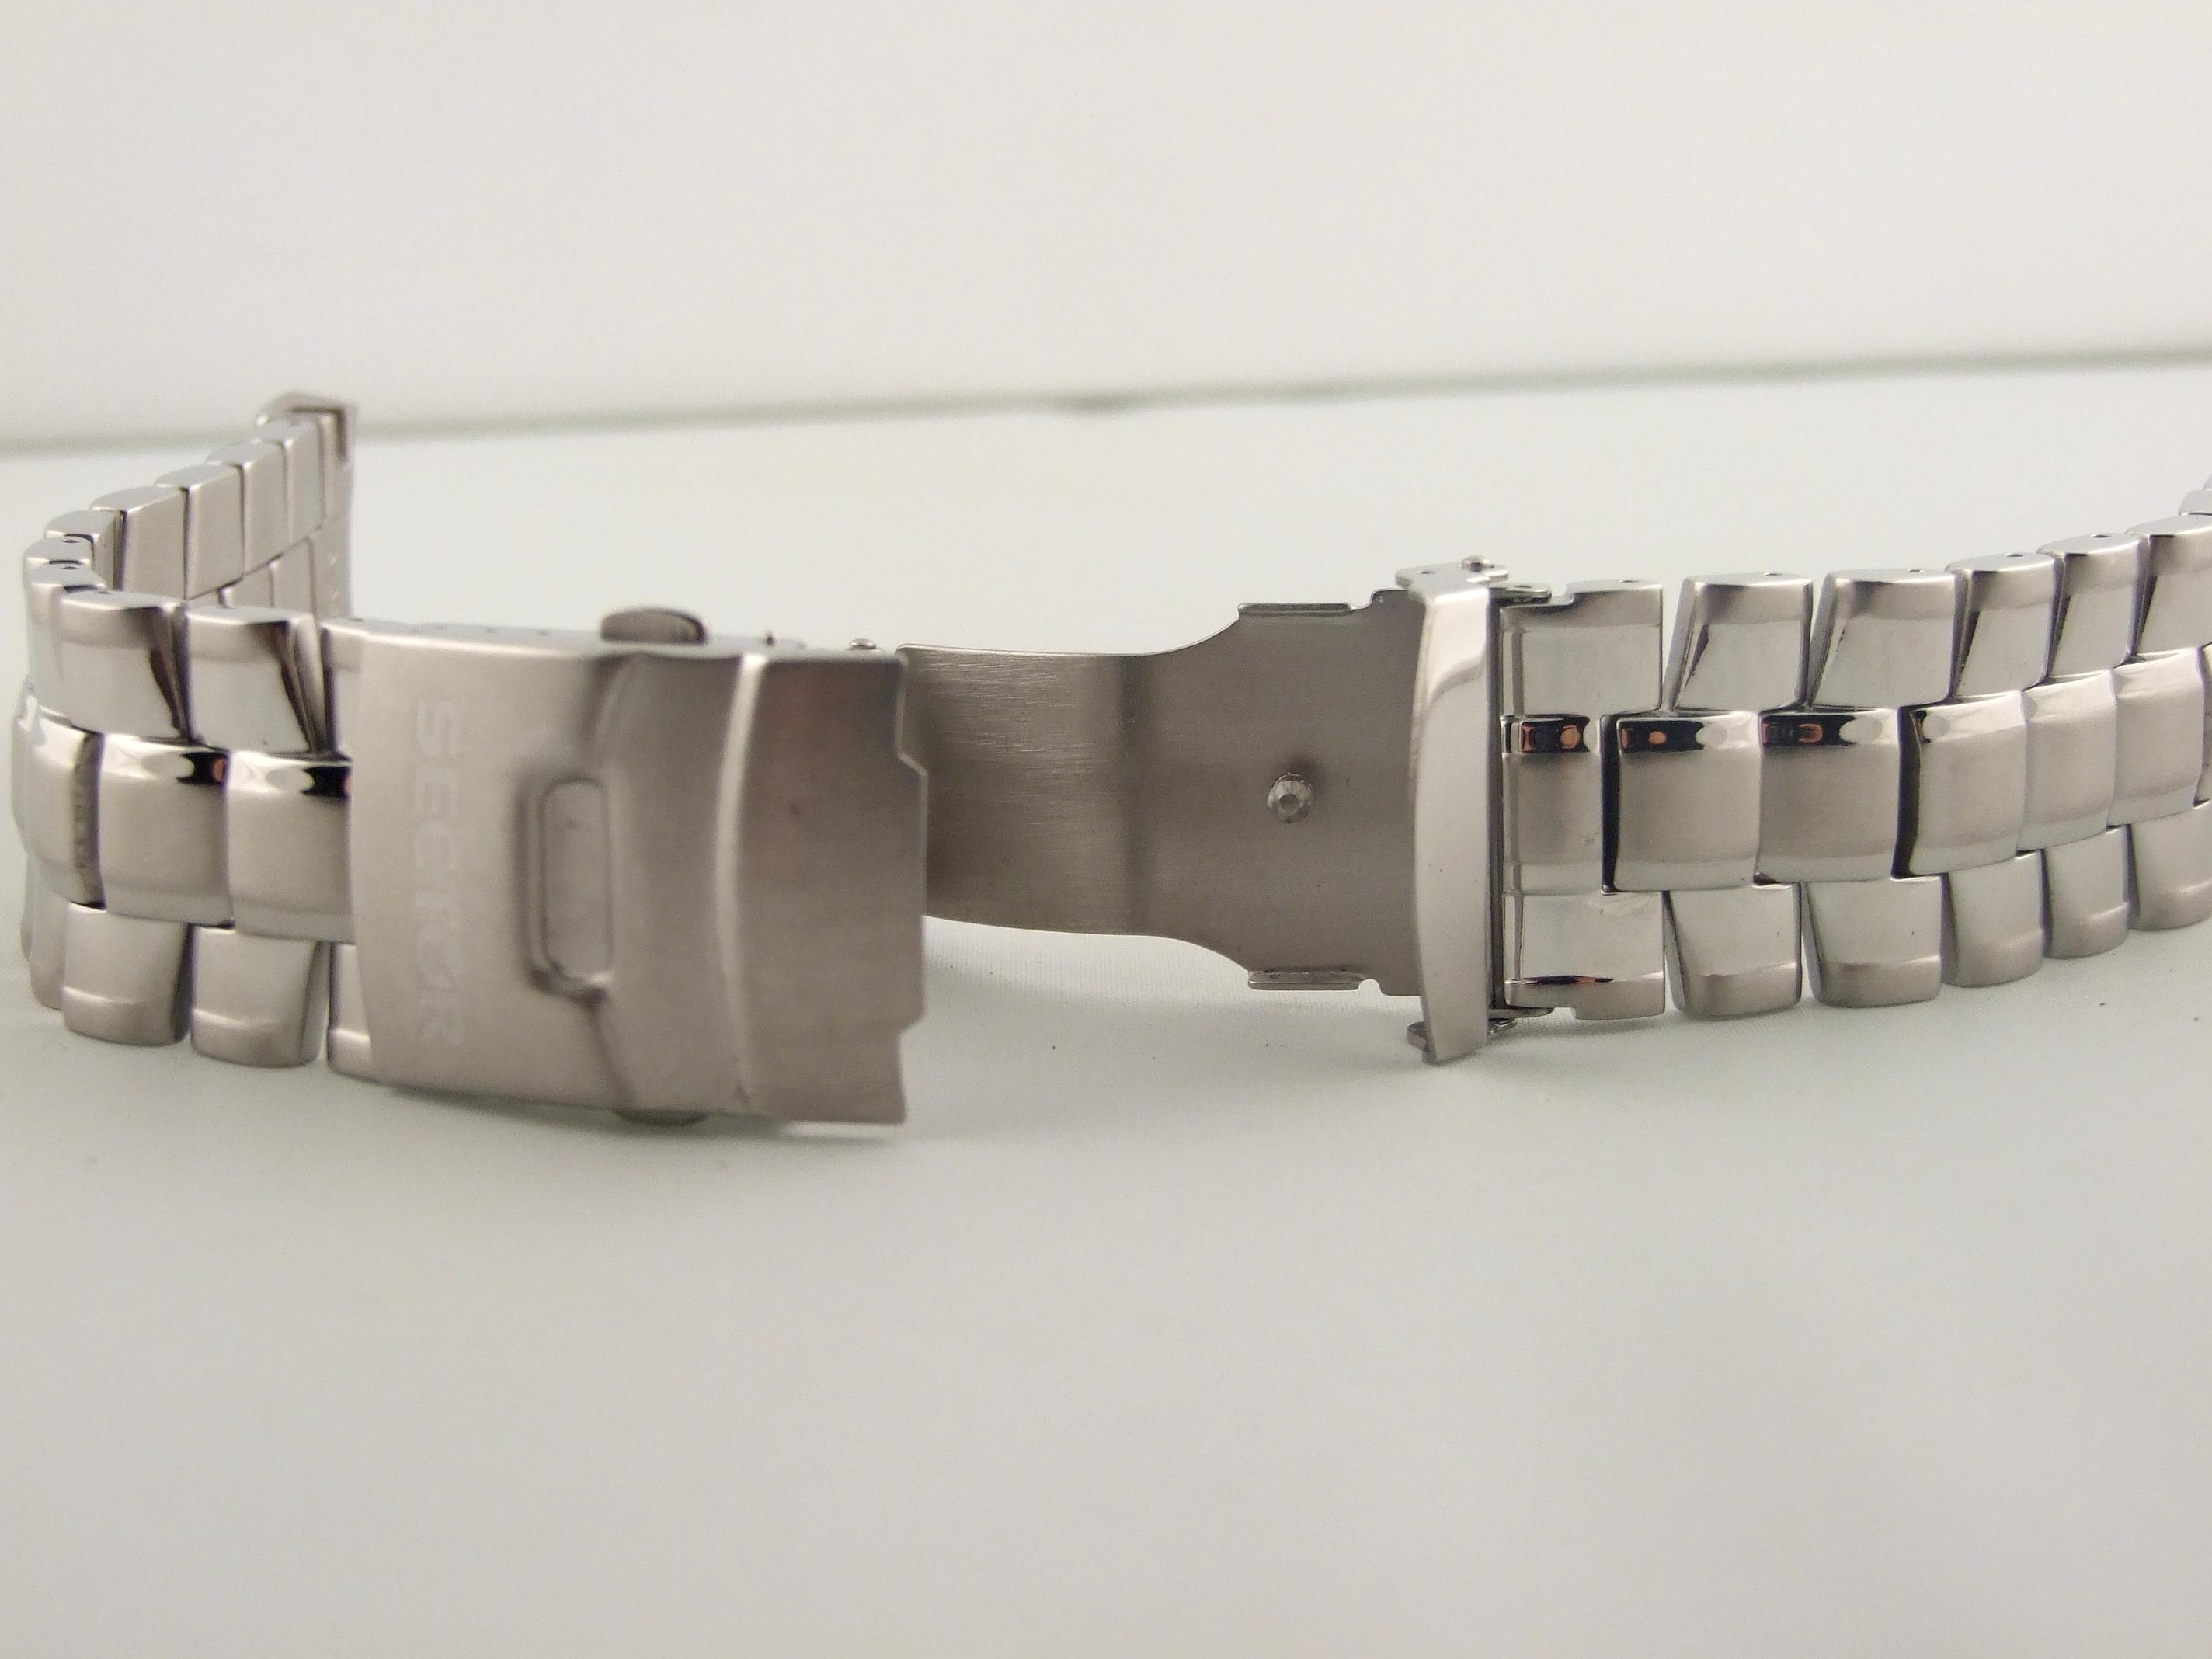 Cinturino bracciale 24 mm per orologio sector dive master o mountain master ebay - Sector dive master istruzioni ...